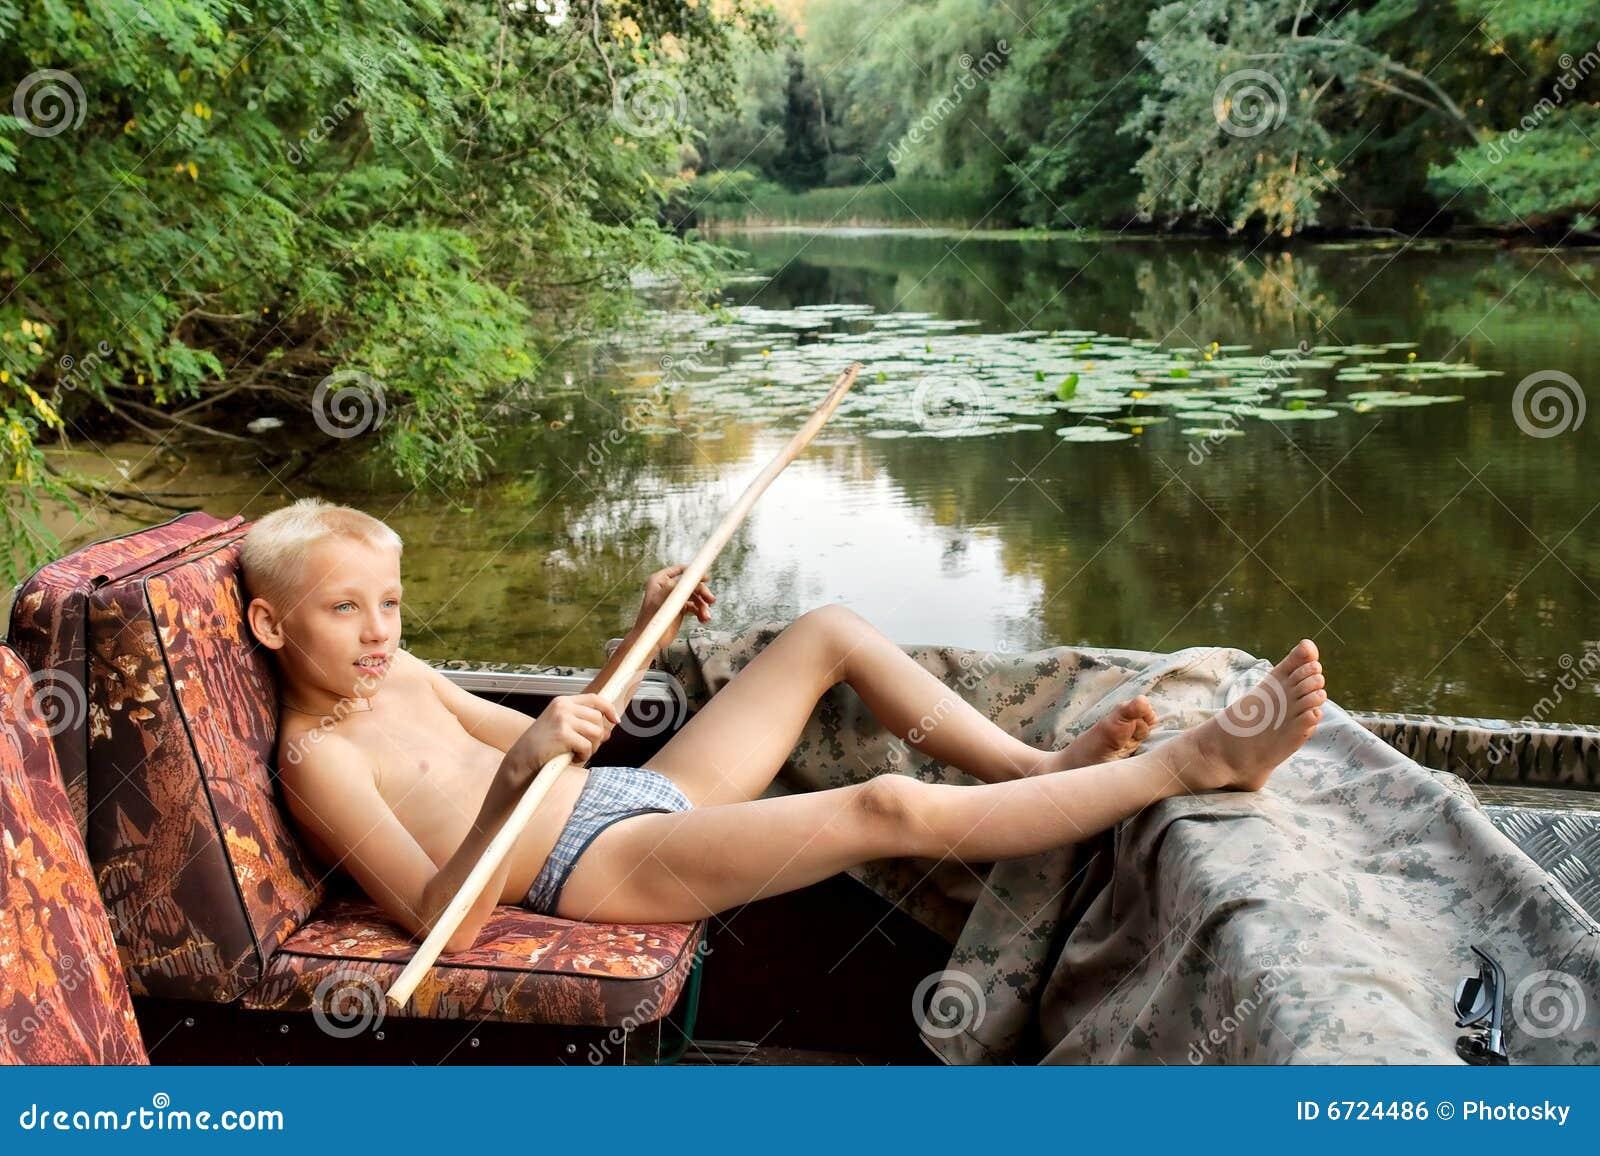 Classic nudist camp scene  xHamstercom